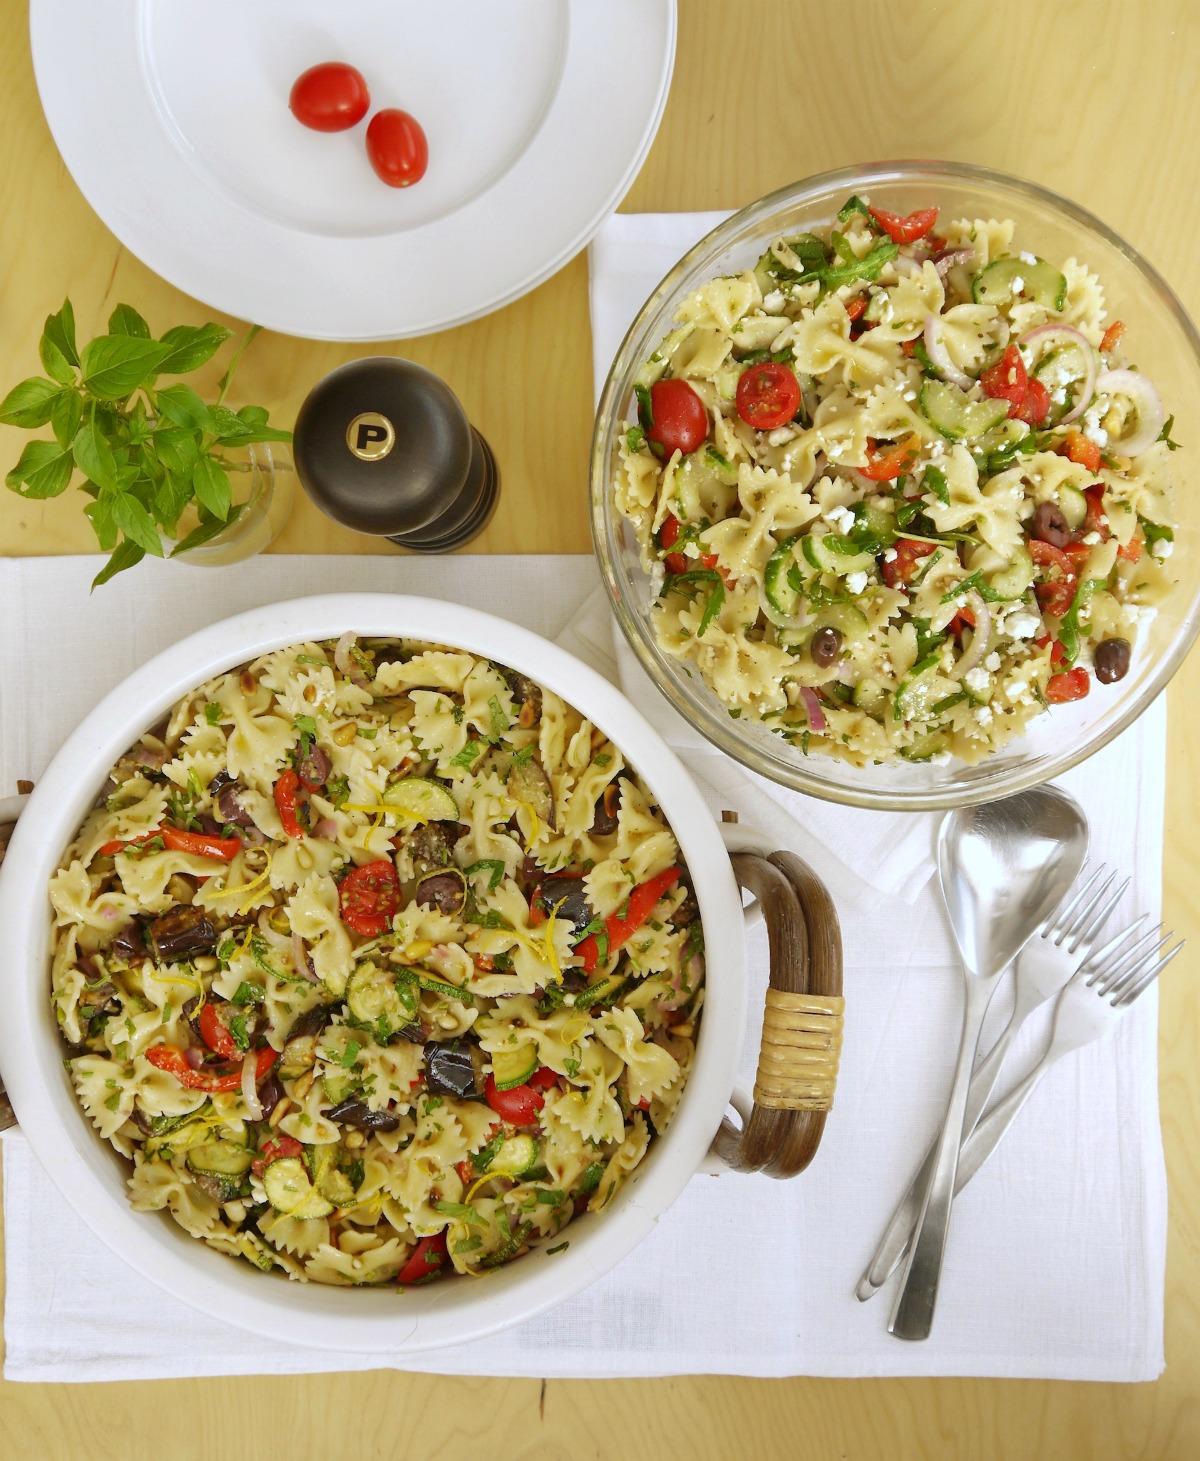 μακαρονοσαλάτα μεσογειακή με πεταλούδες και λαχανικά